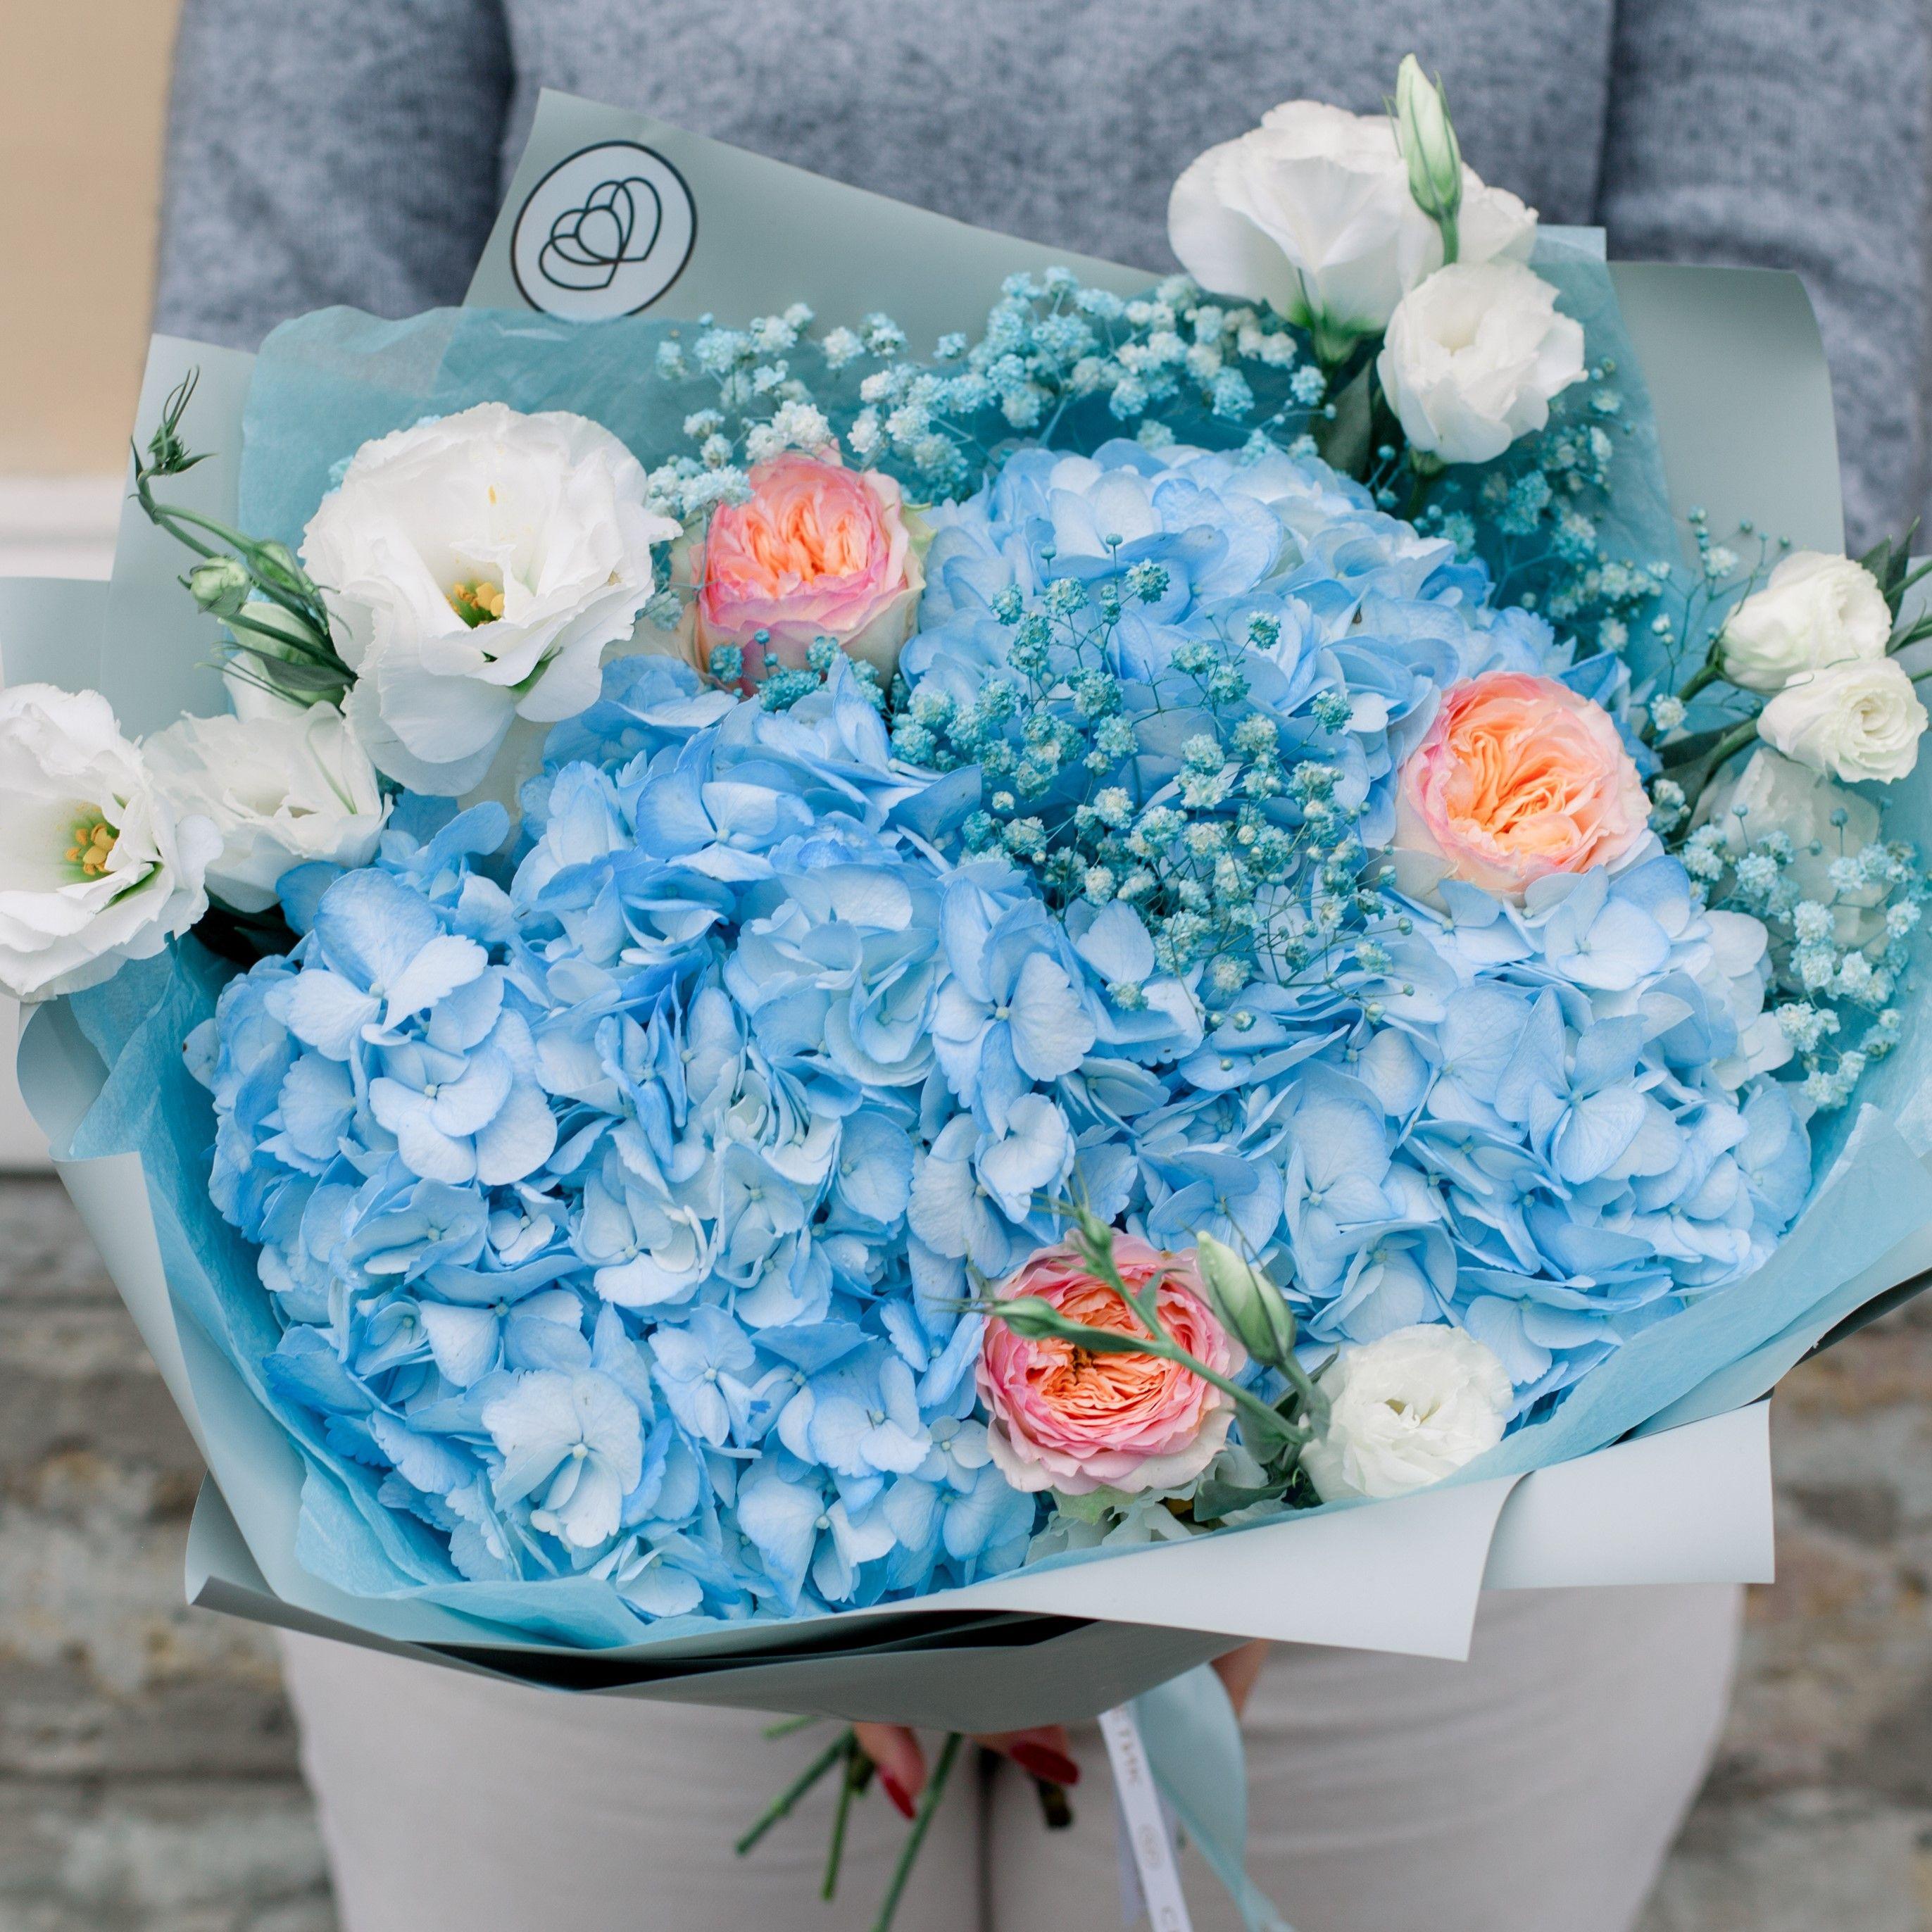 Букет из 3 голубых гортензий, 3 роз пионовидных, 5 белых лизиантусов и голубой гипсофилы в упаковке фото